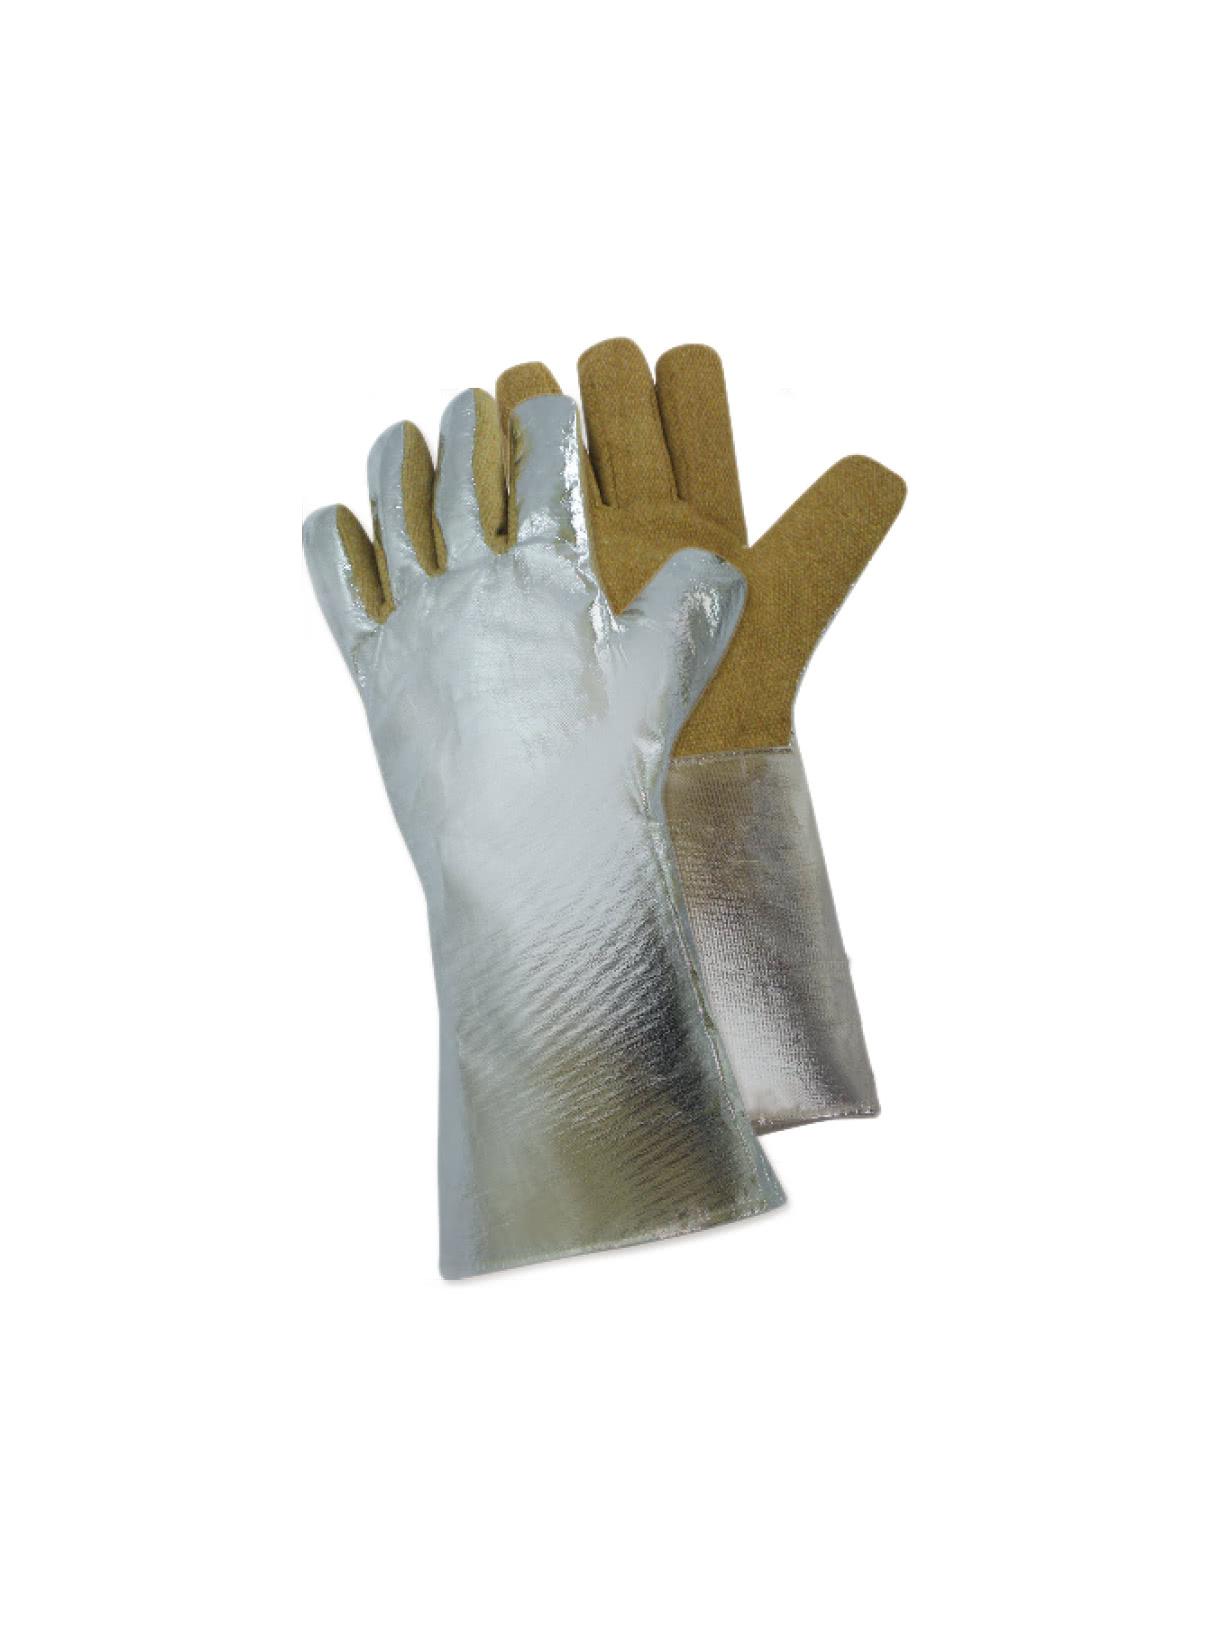 Rękawice Ochronne żaroodporne Nt 5 Rękawice Hutnicze żaroodporne